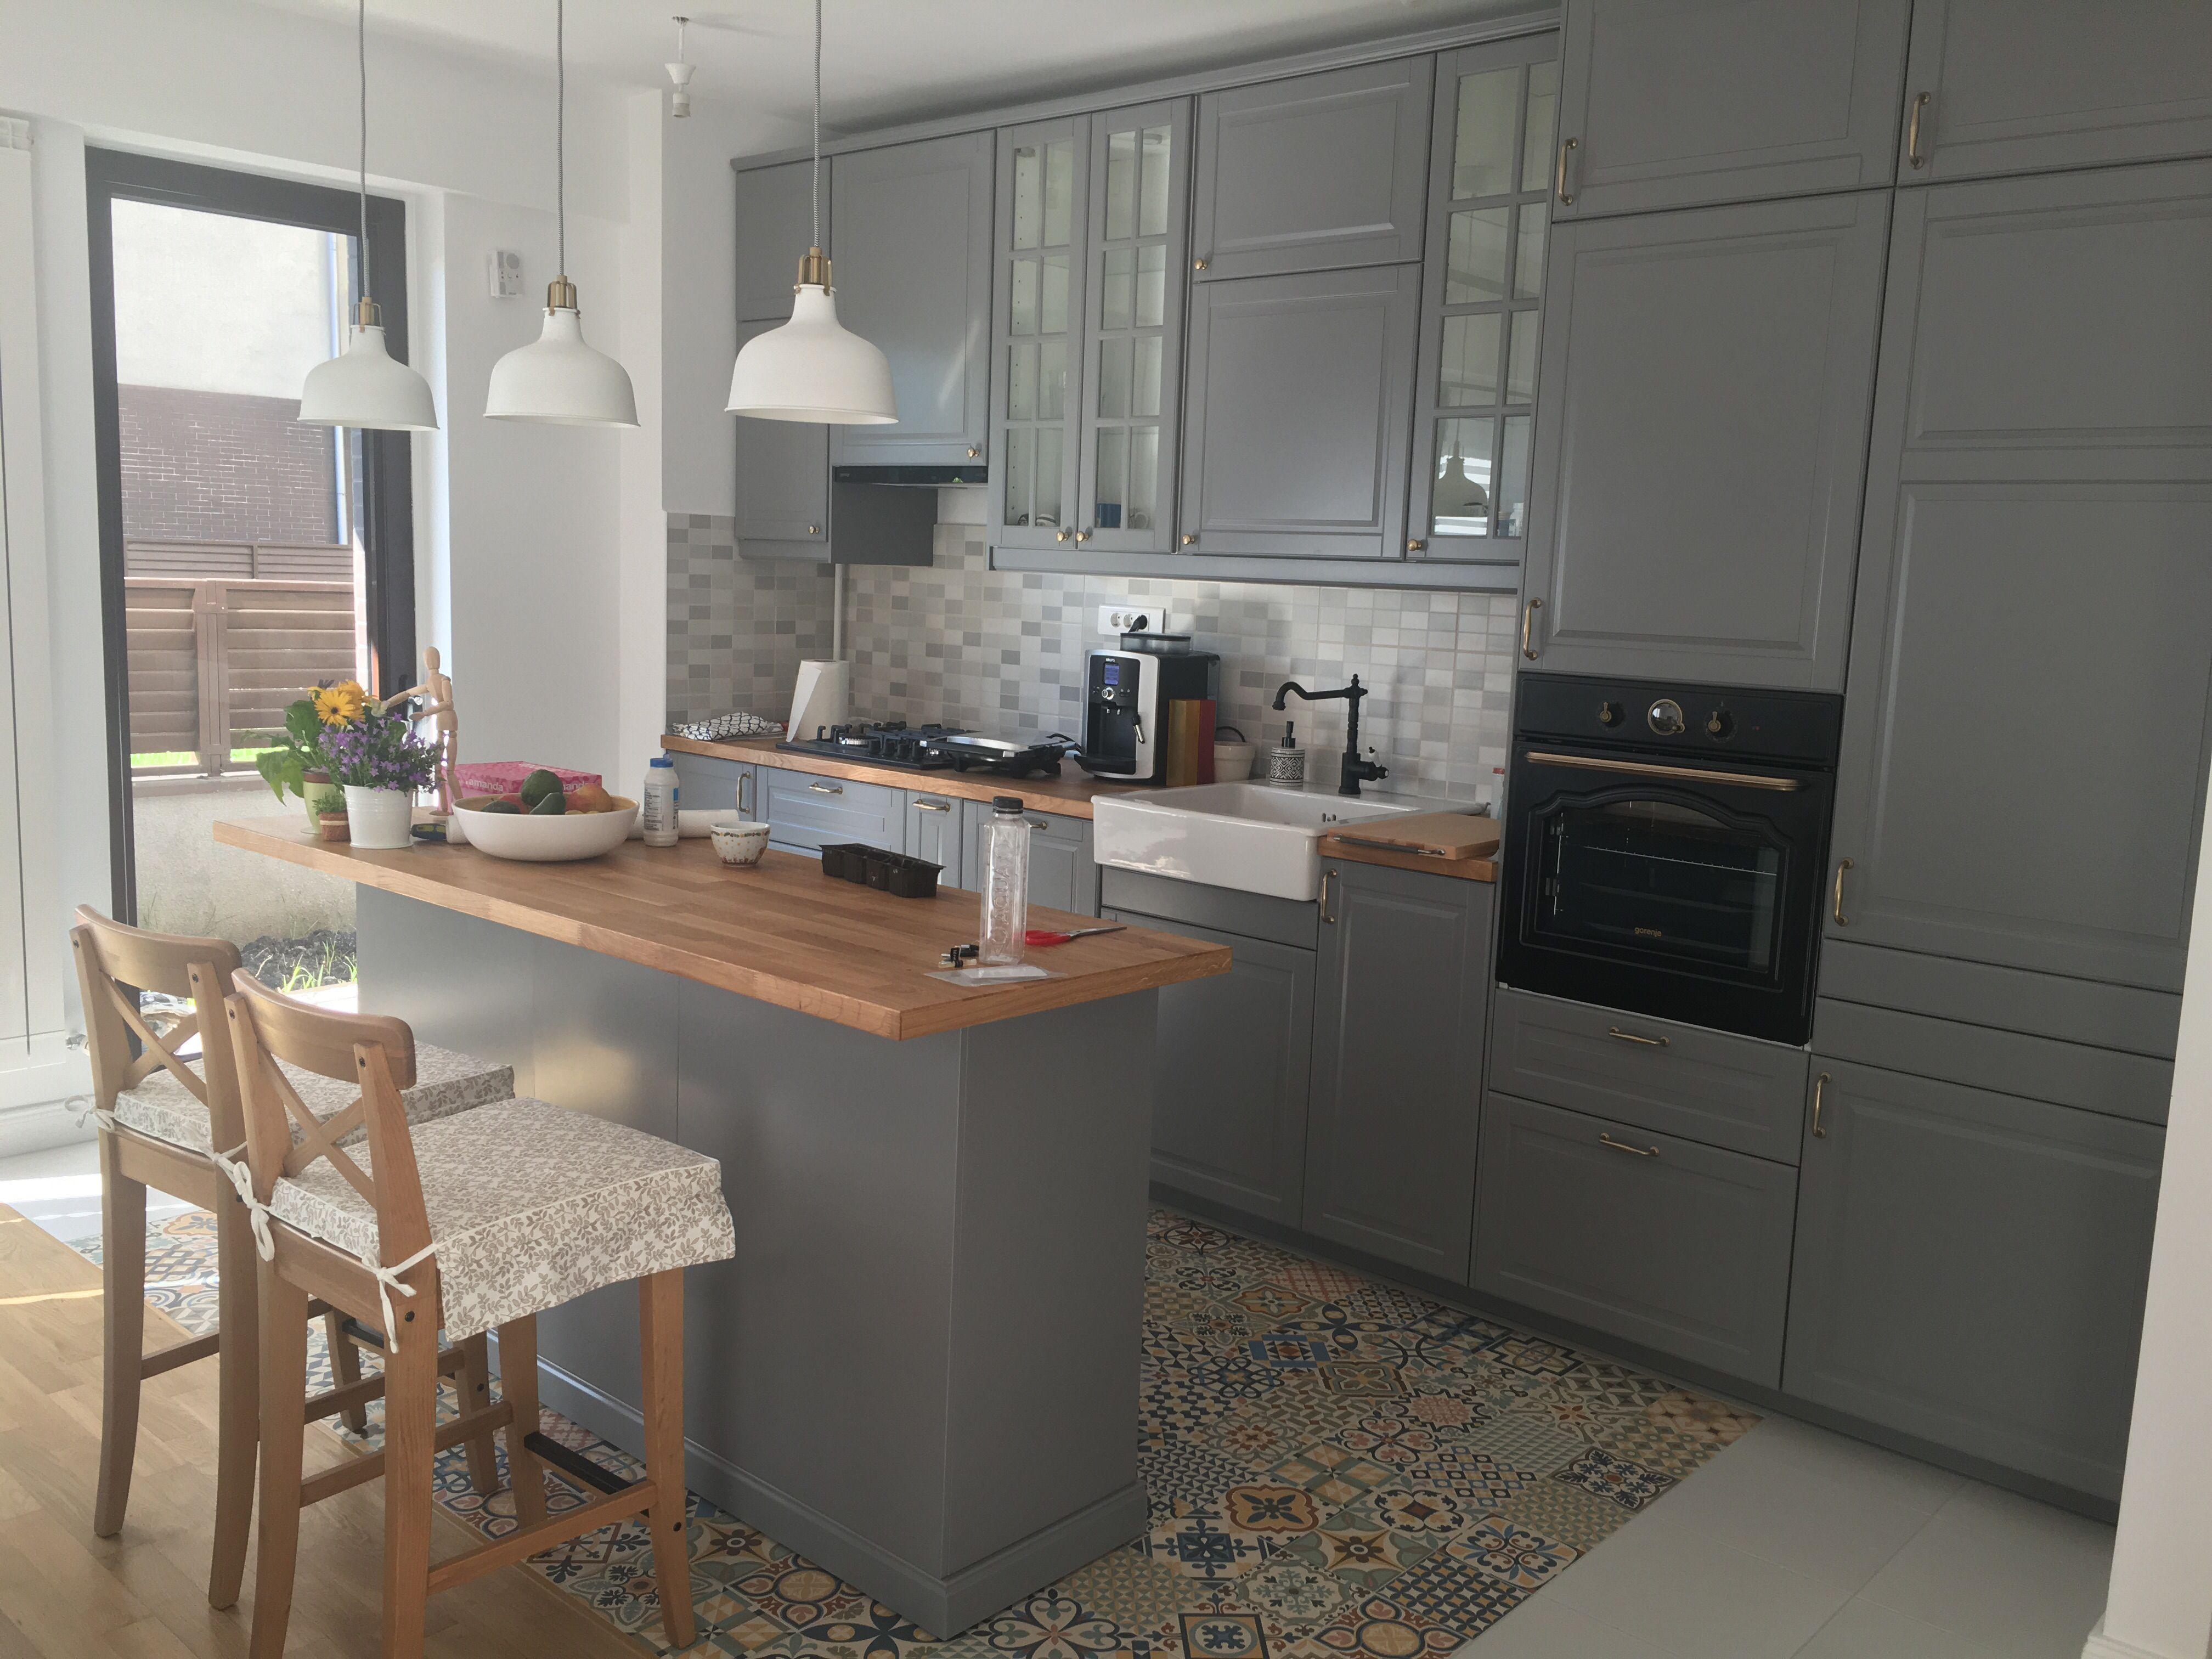 Ikea Küche Metod Bodbyn Grau   Test 3